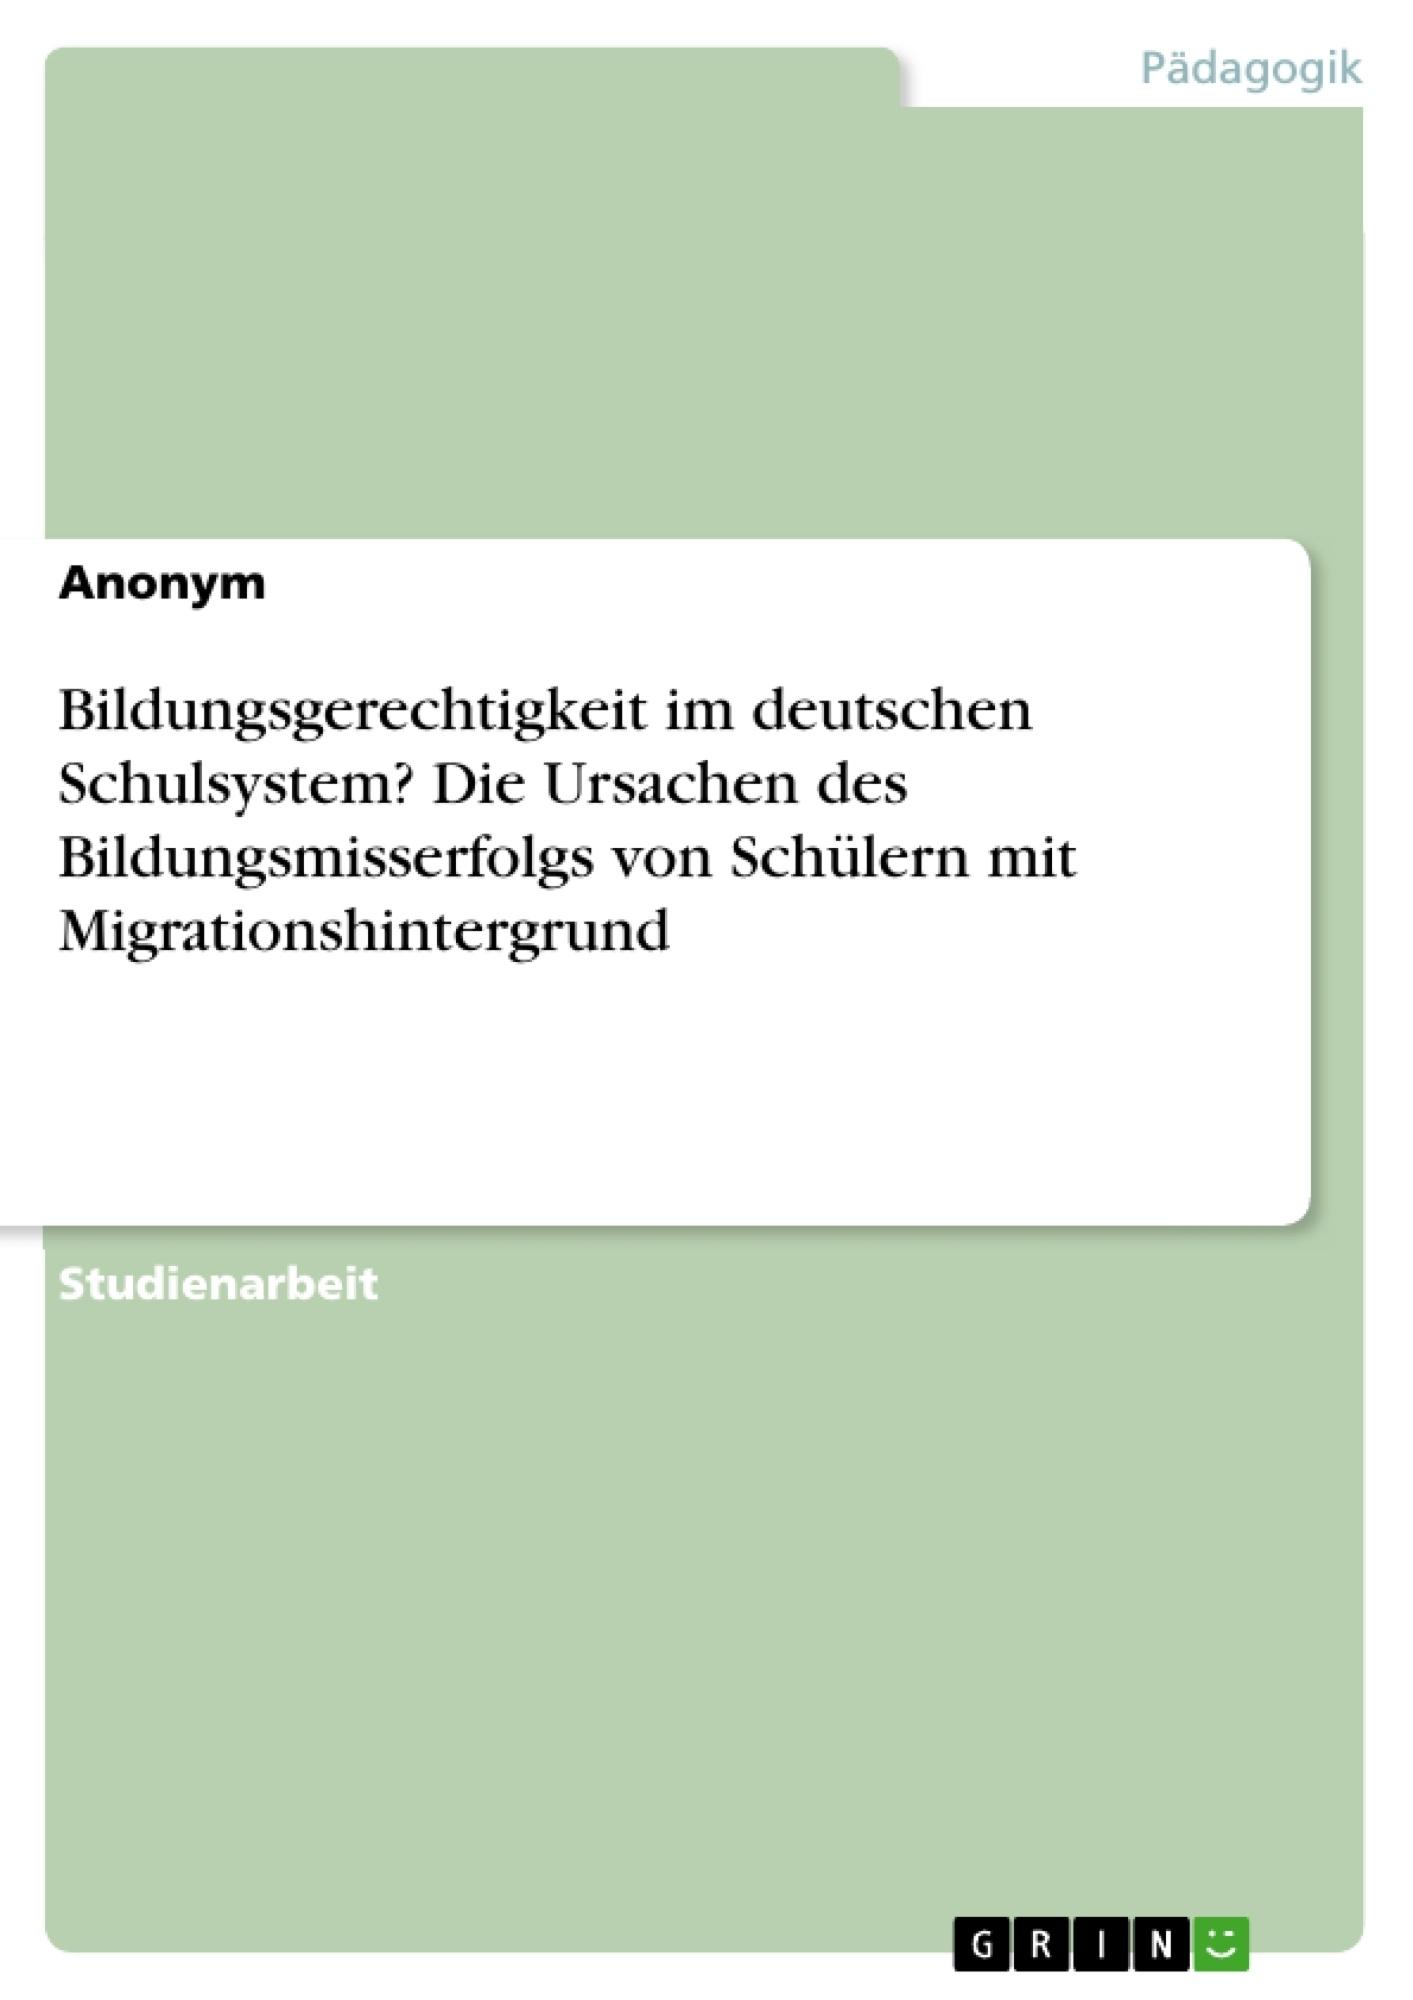 Titel: Bildungsgerechtigkeit im deutschen Schulsystem? Die Ursachen des Bildungsmisserfolgs von Schülern mit Migrationshintergrund